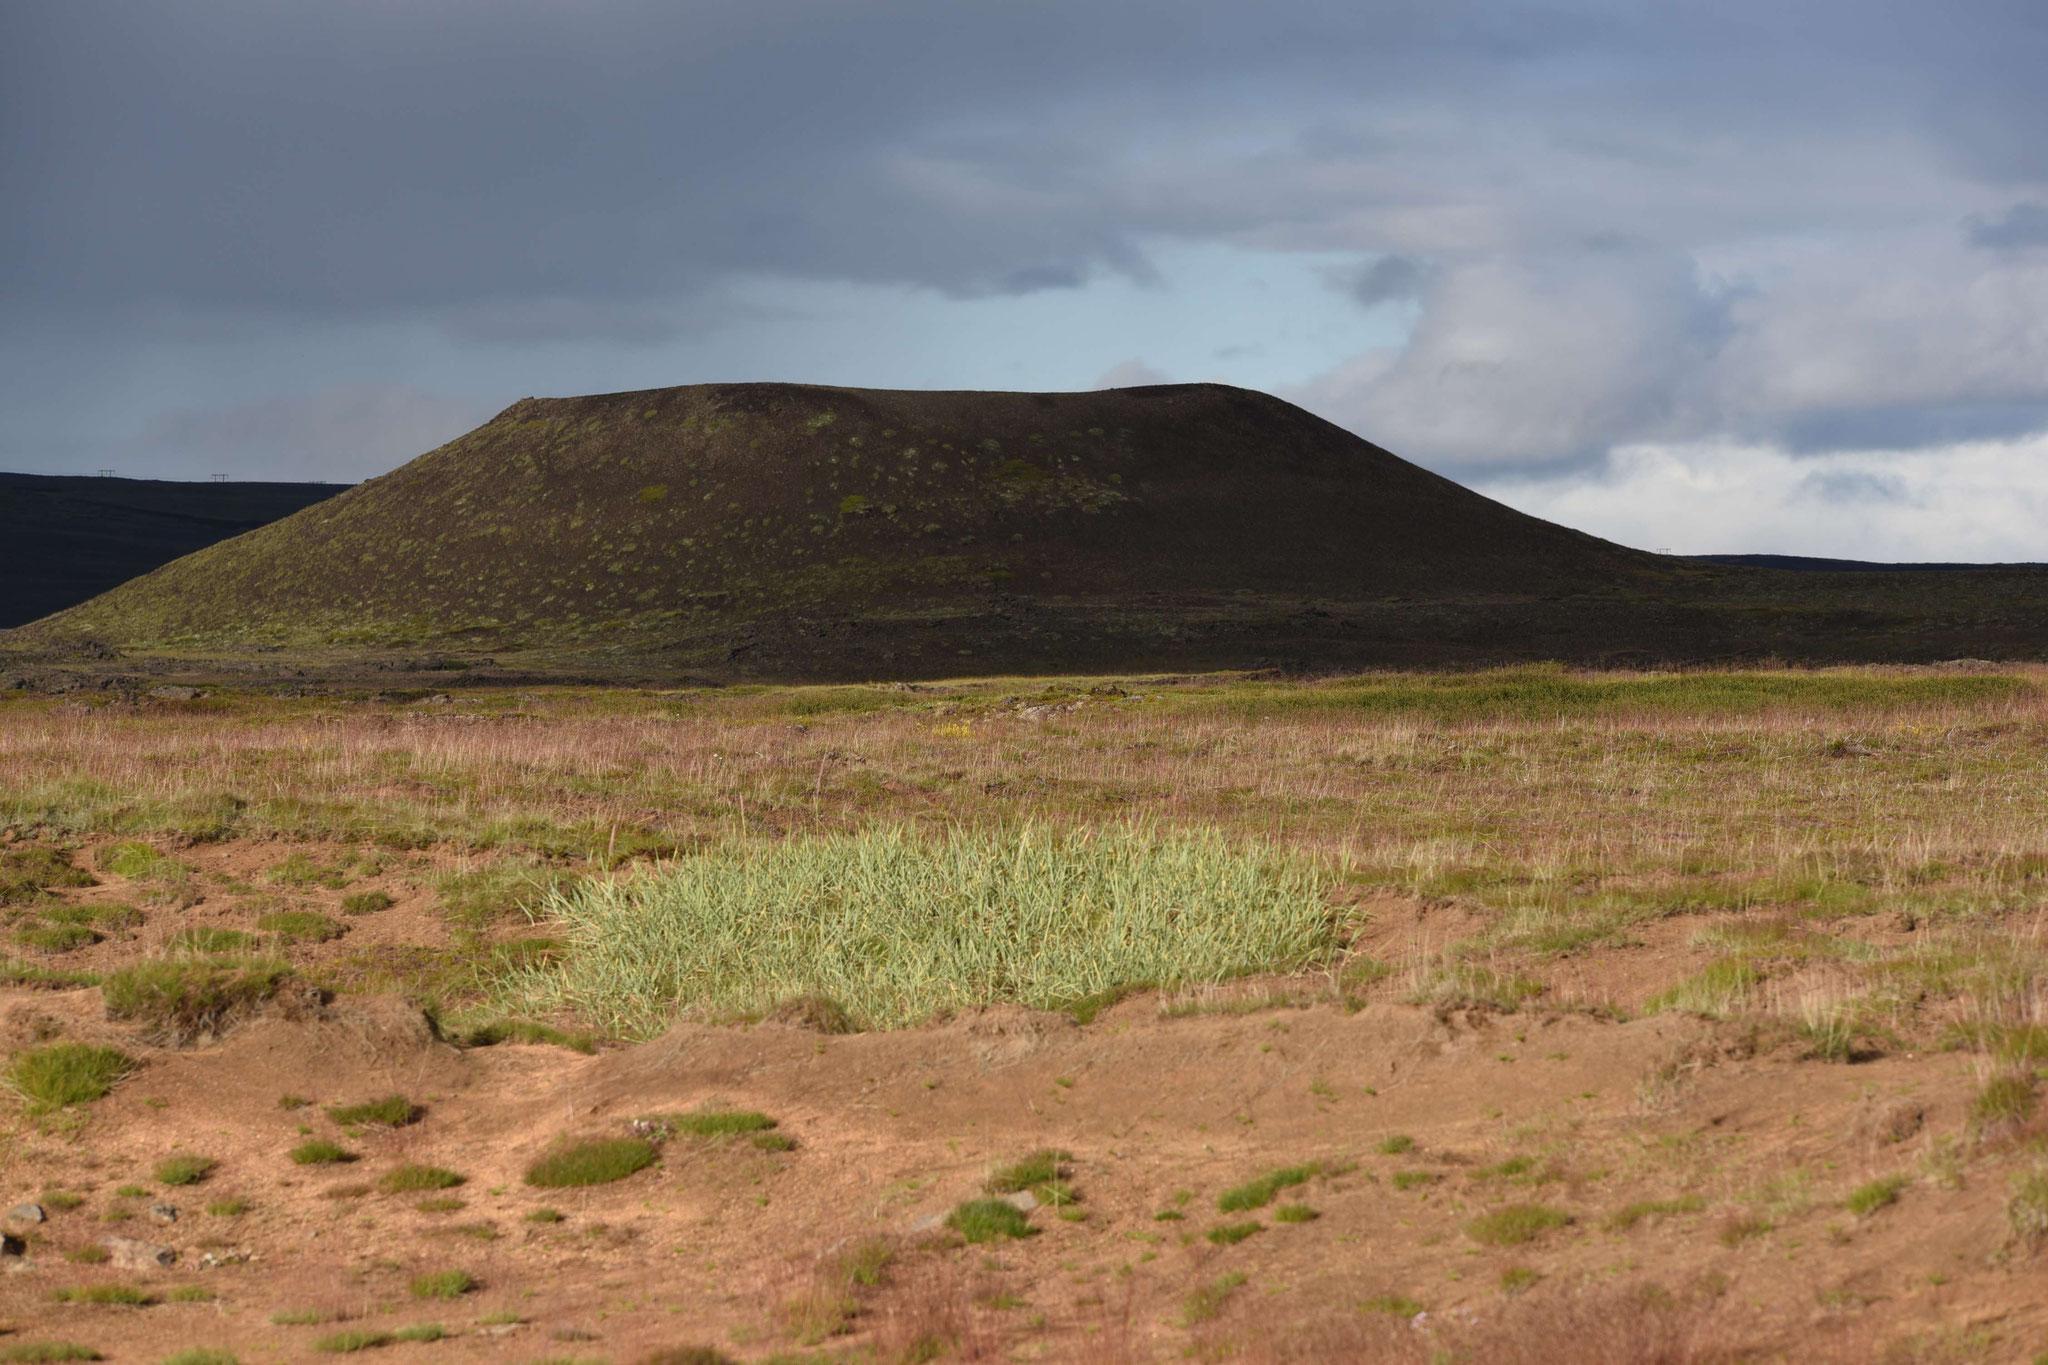 Vulkankrater östlich von Reykjalid